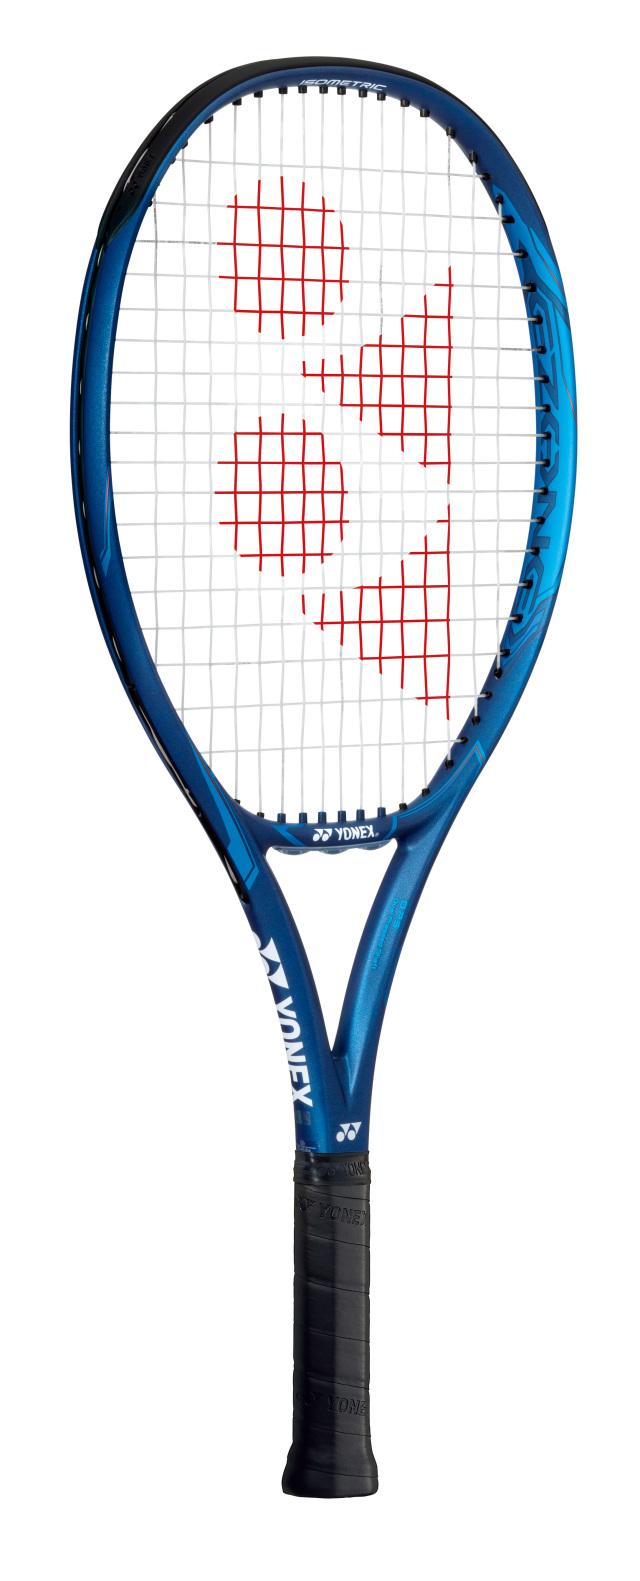 ジュニア用硬式テニスラケット ヨネックス EZONE 25 E ゾーン25 (25インチ)